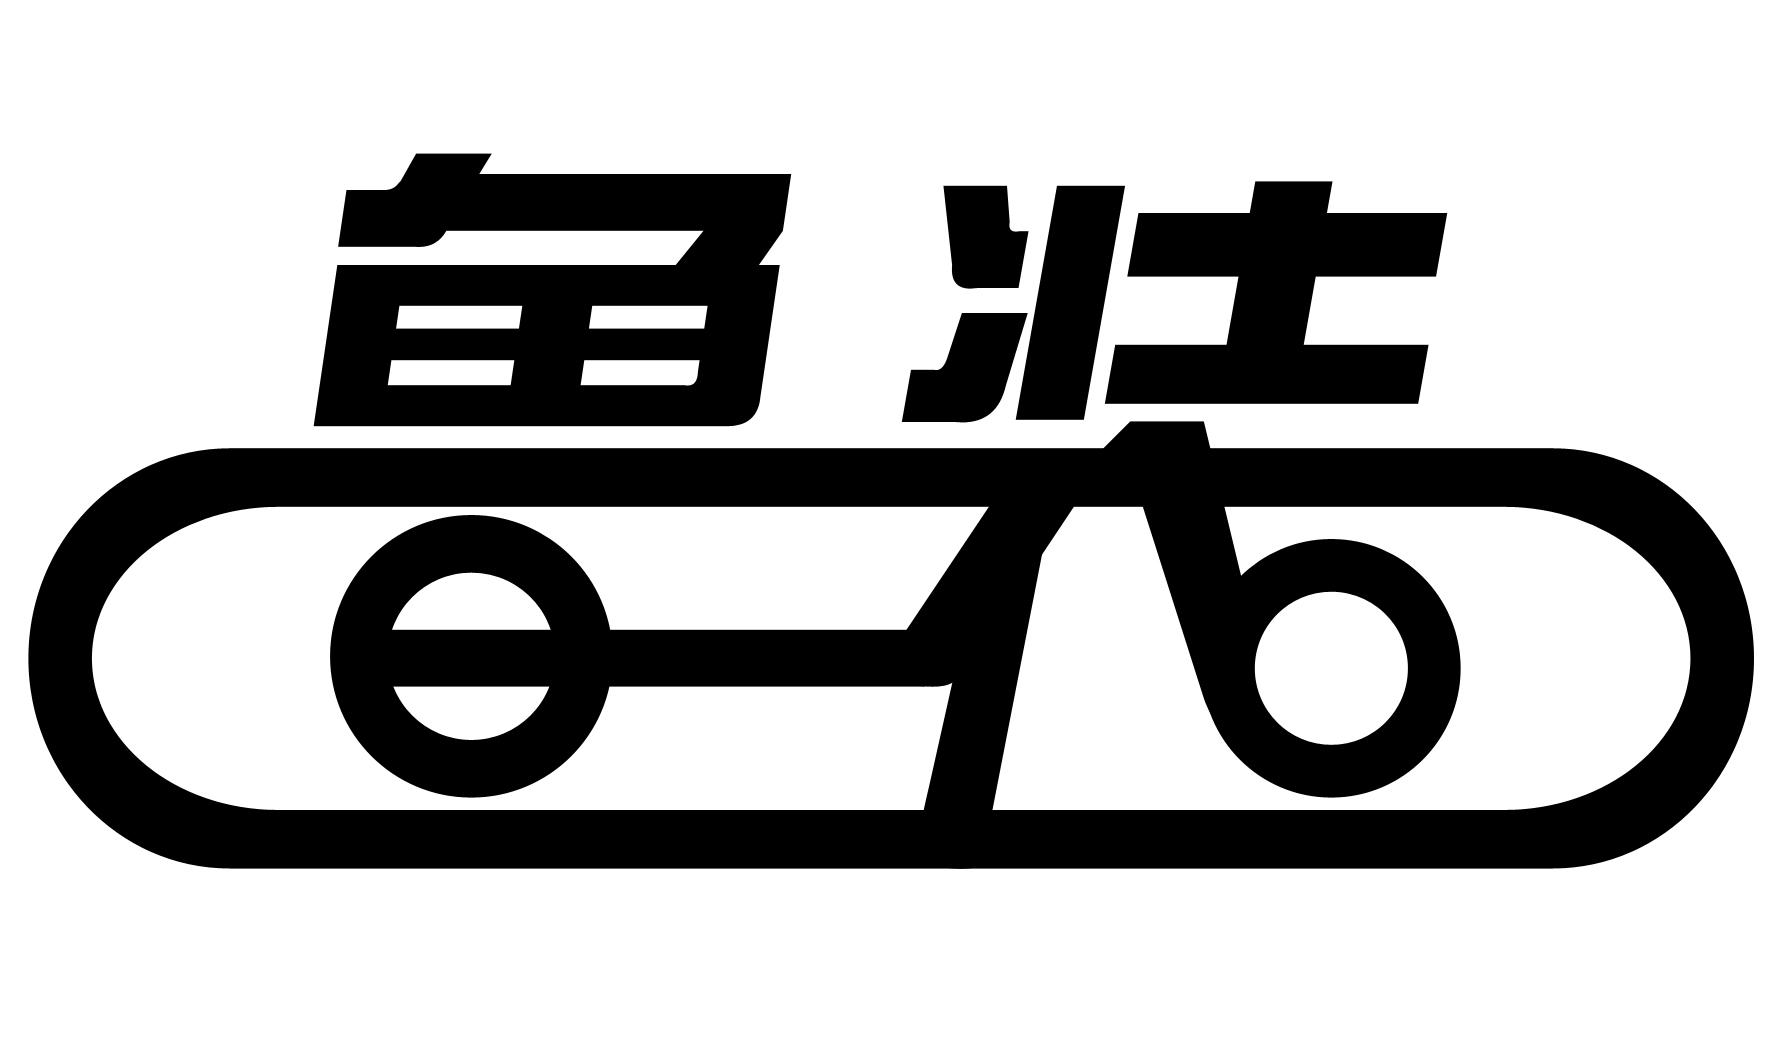 山东鲁装制衣有限公司